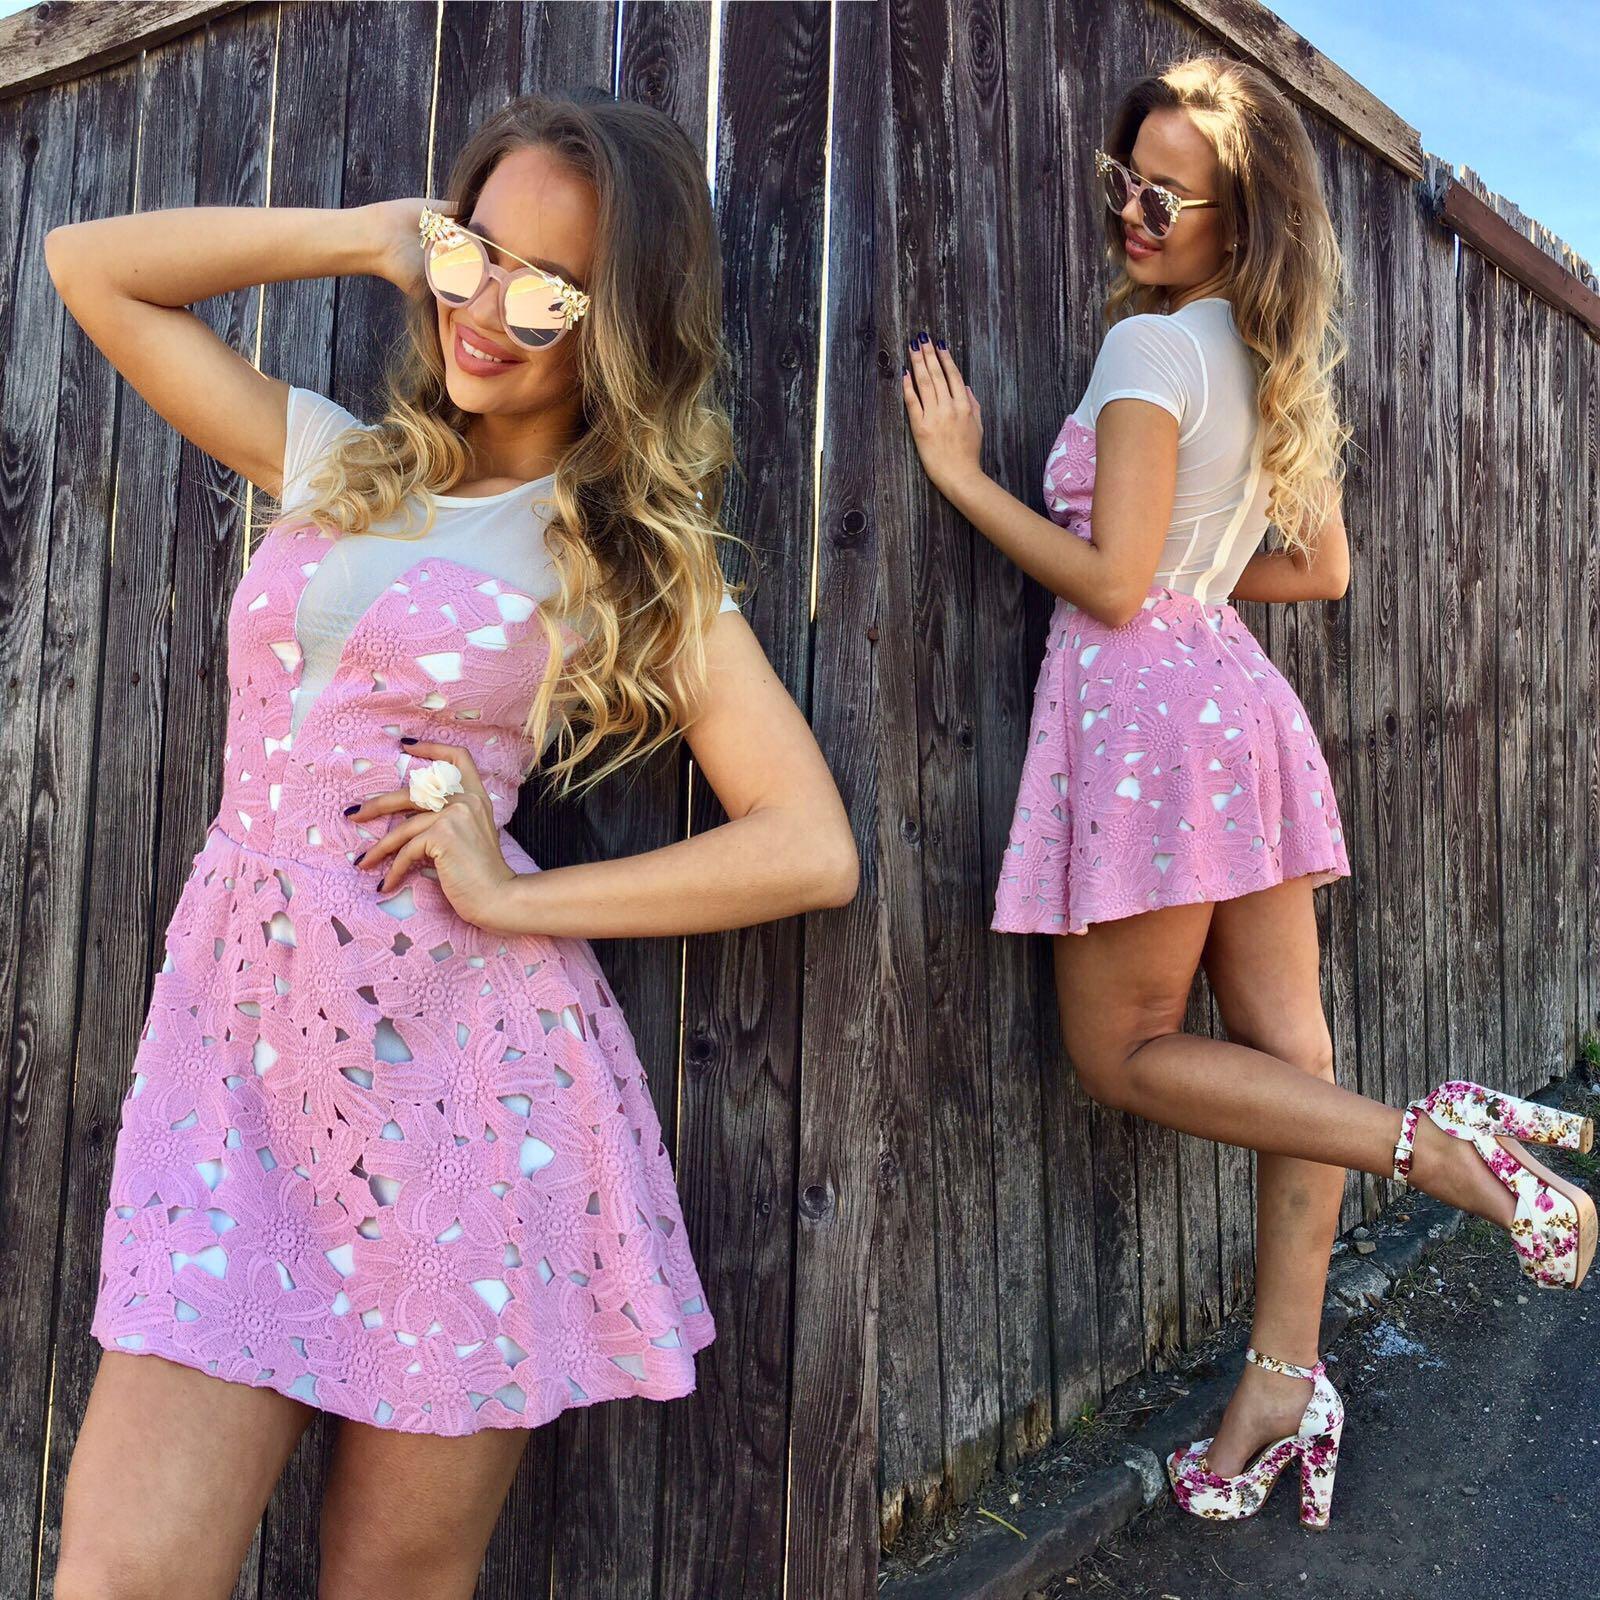 Dámske ružové čipkované šaty Foggi PINK - L odporúčame pre M